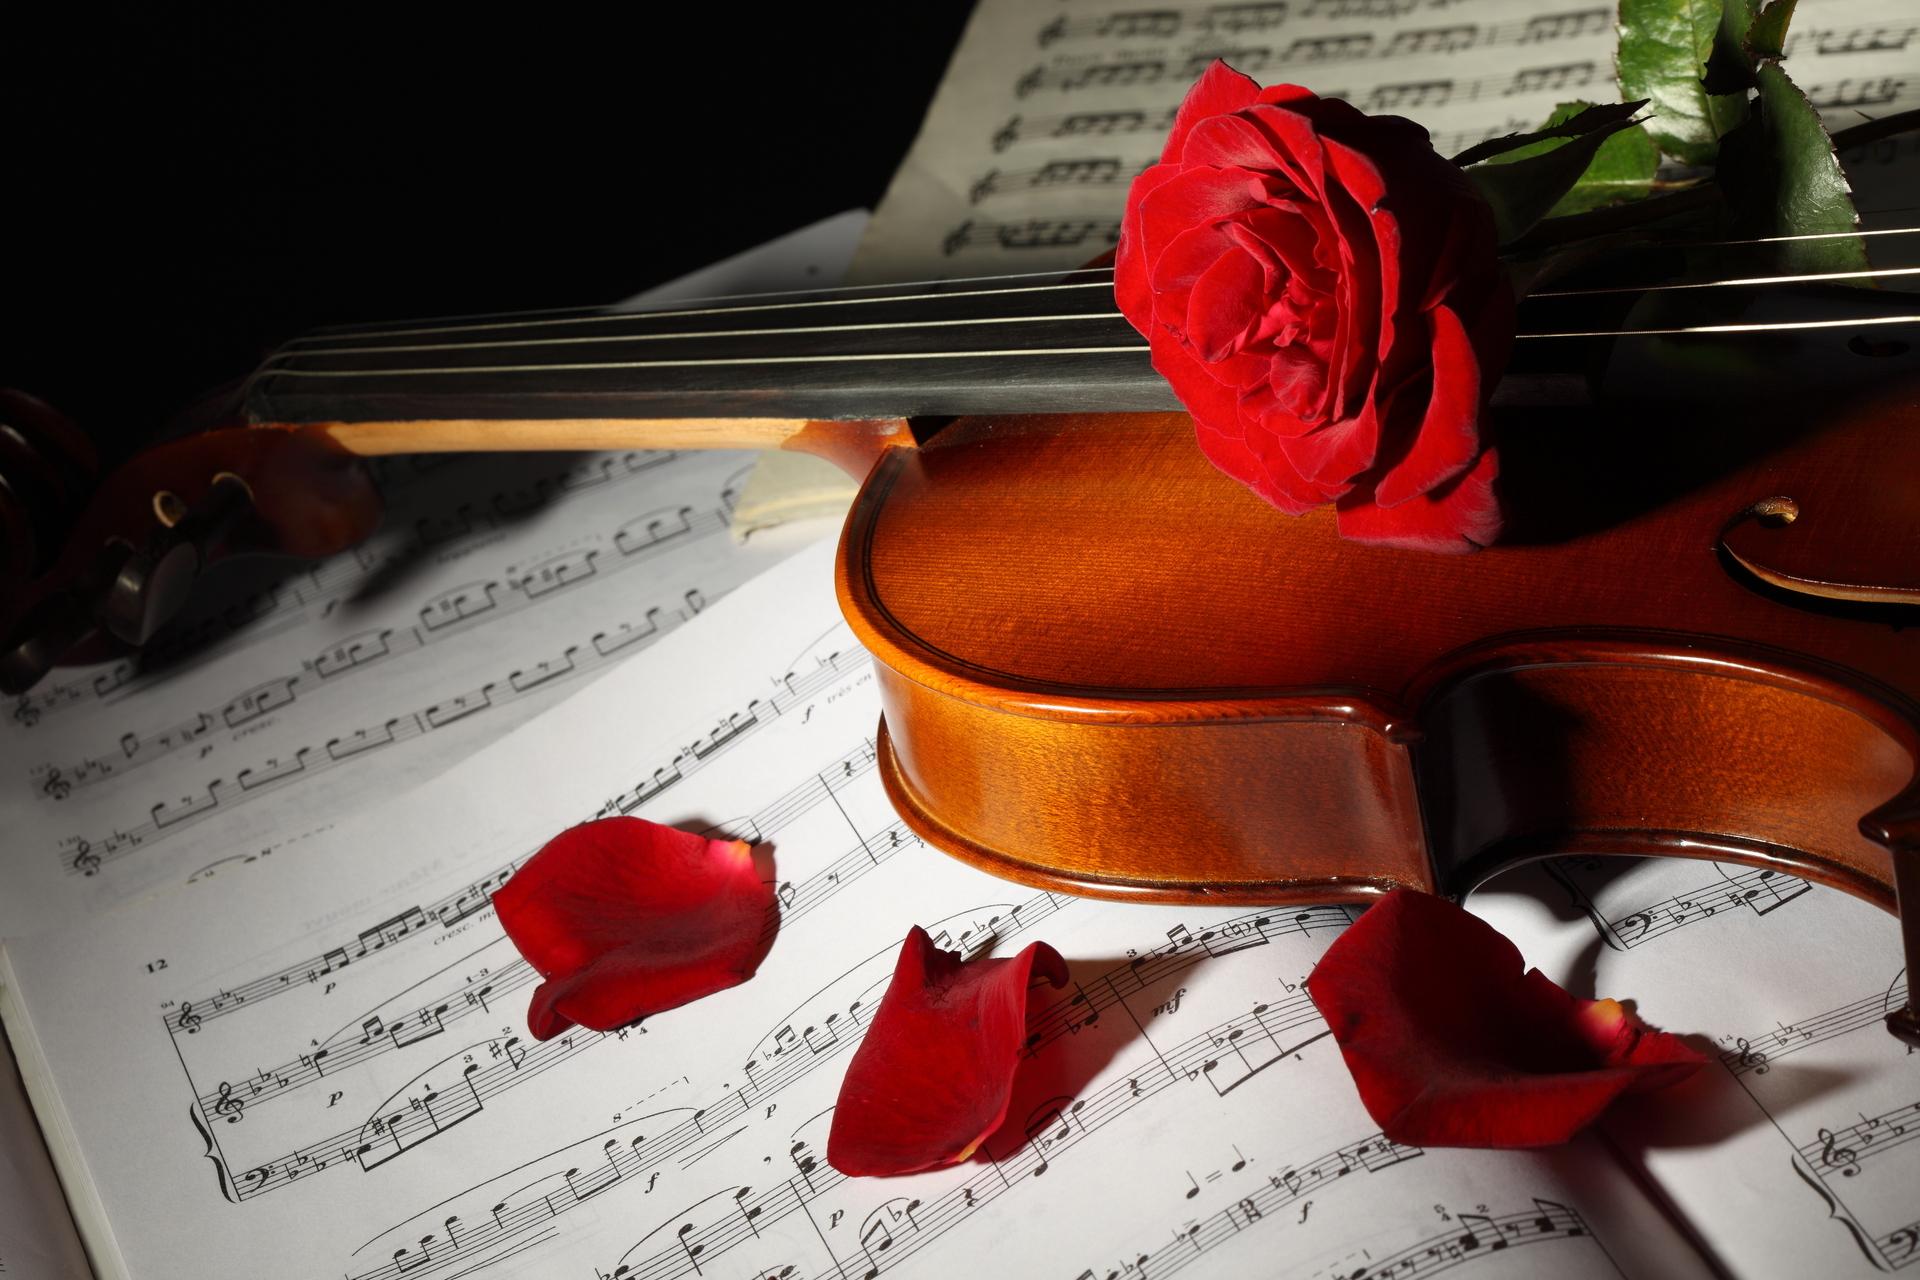 много фотографии картинки на тему мелодии любви своеобразным является